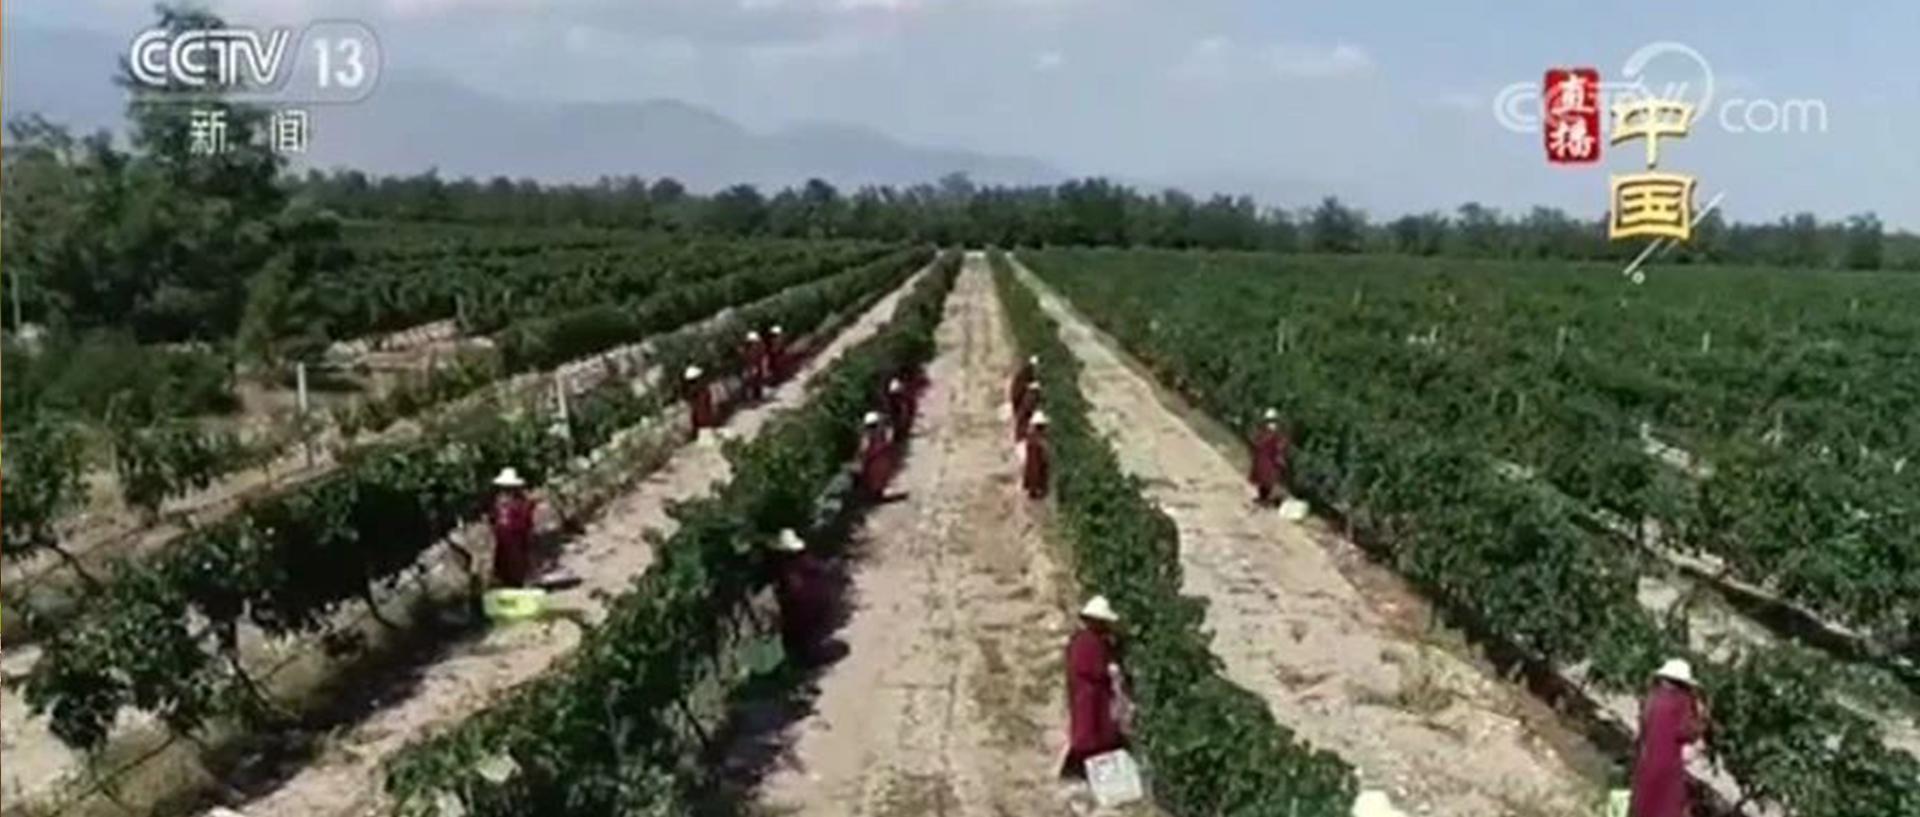 央视 · 直播中国:贺兰山东麓葡萄喜丰收,葡萄飘香酿琼浆 | 源石酒庄